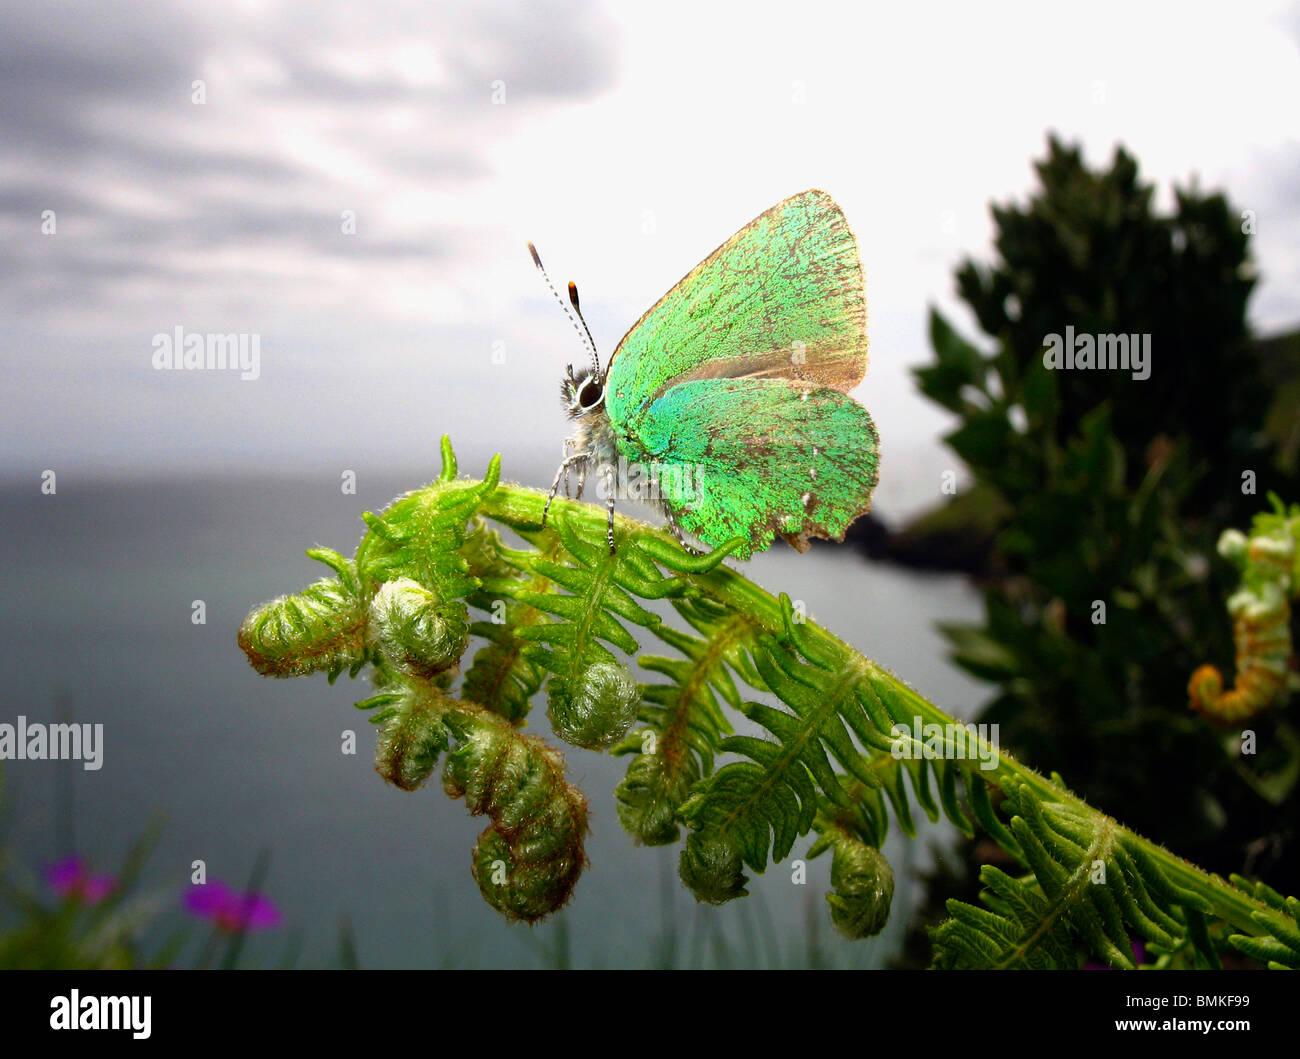 Grüner Zipfelfalter Schmetterling thront auf einem Farn, Devon Coast, UK. Stockbild